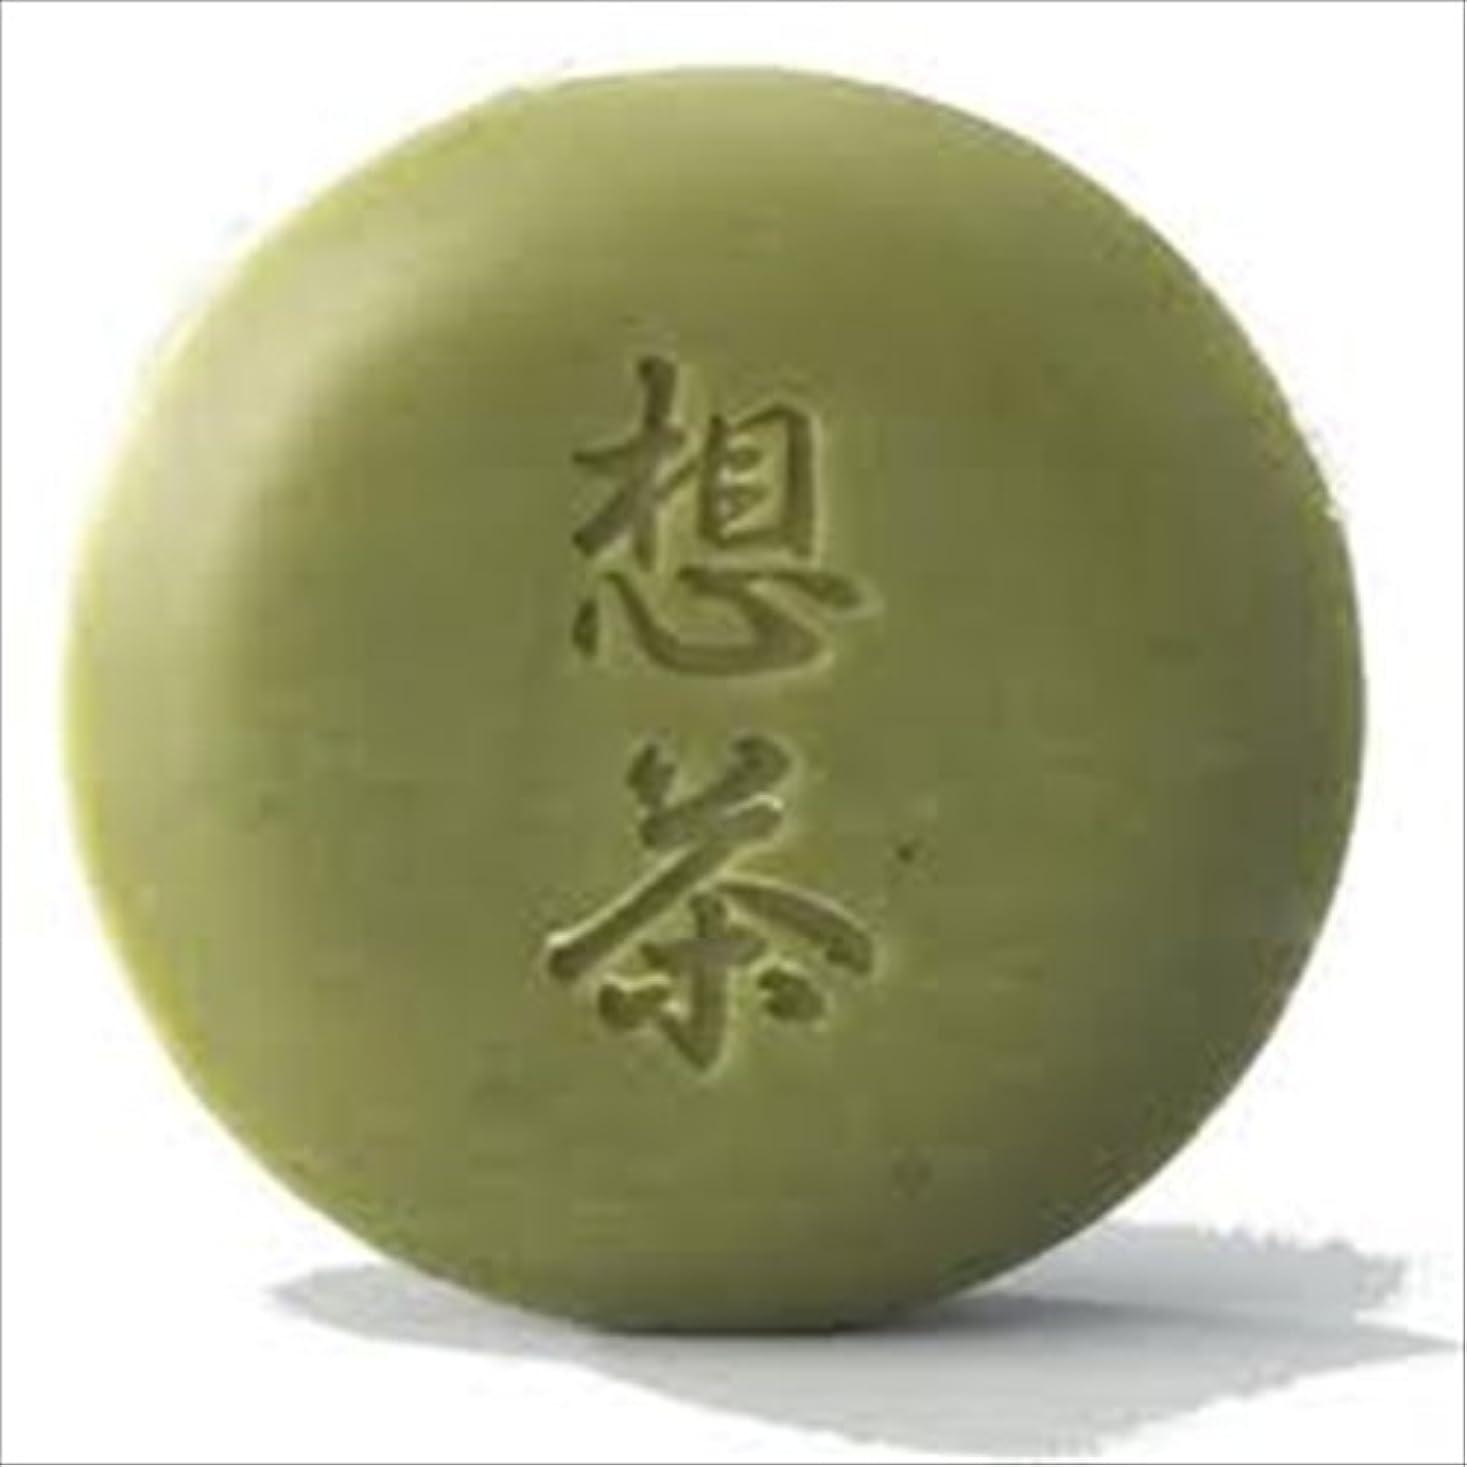 バウンス金銭的な社会学静岡茶粉末入 想茶石鹸